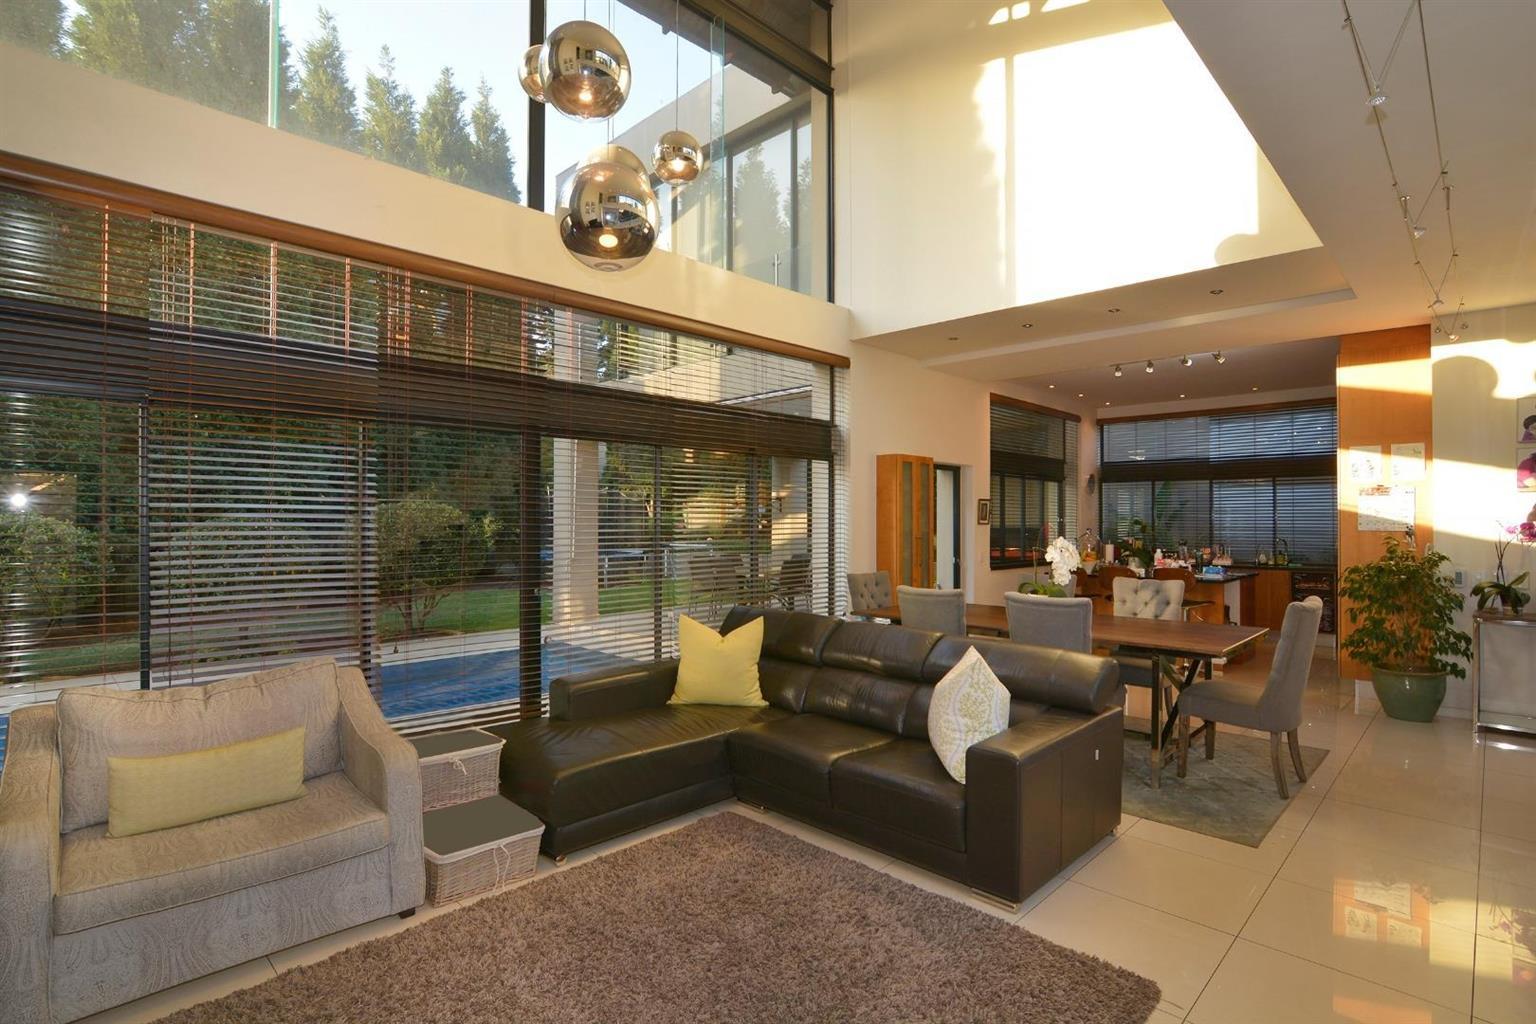 Cluster Rental Monthly in Benmore Gardens